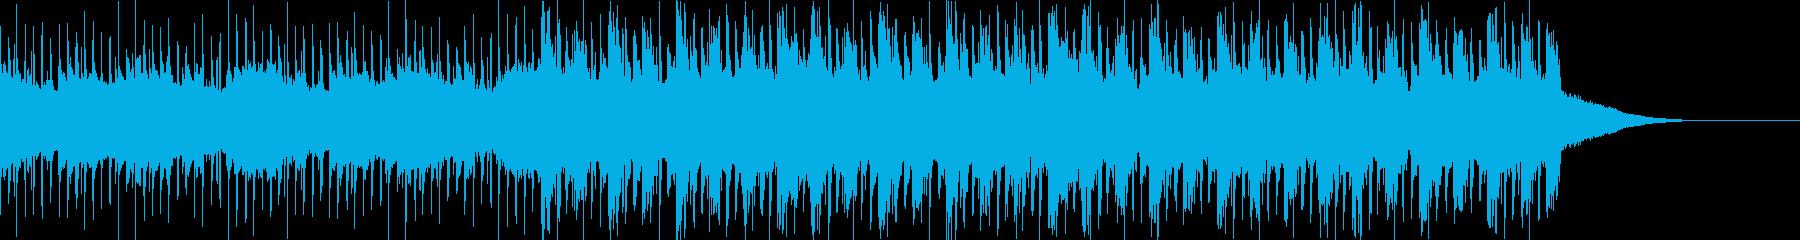 Pf「自慢」和風現代ジャズの再生済みの波形